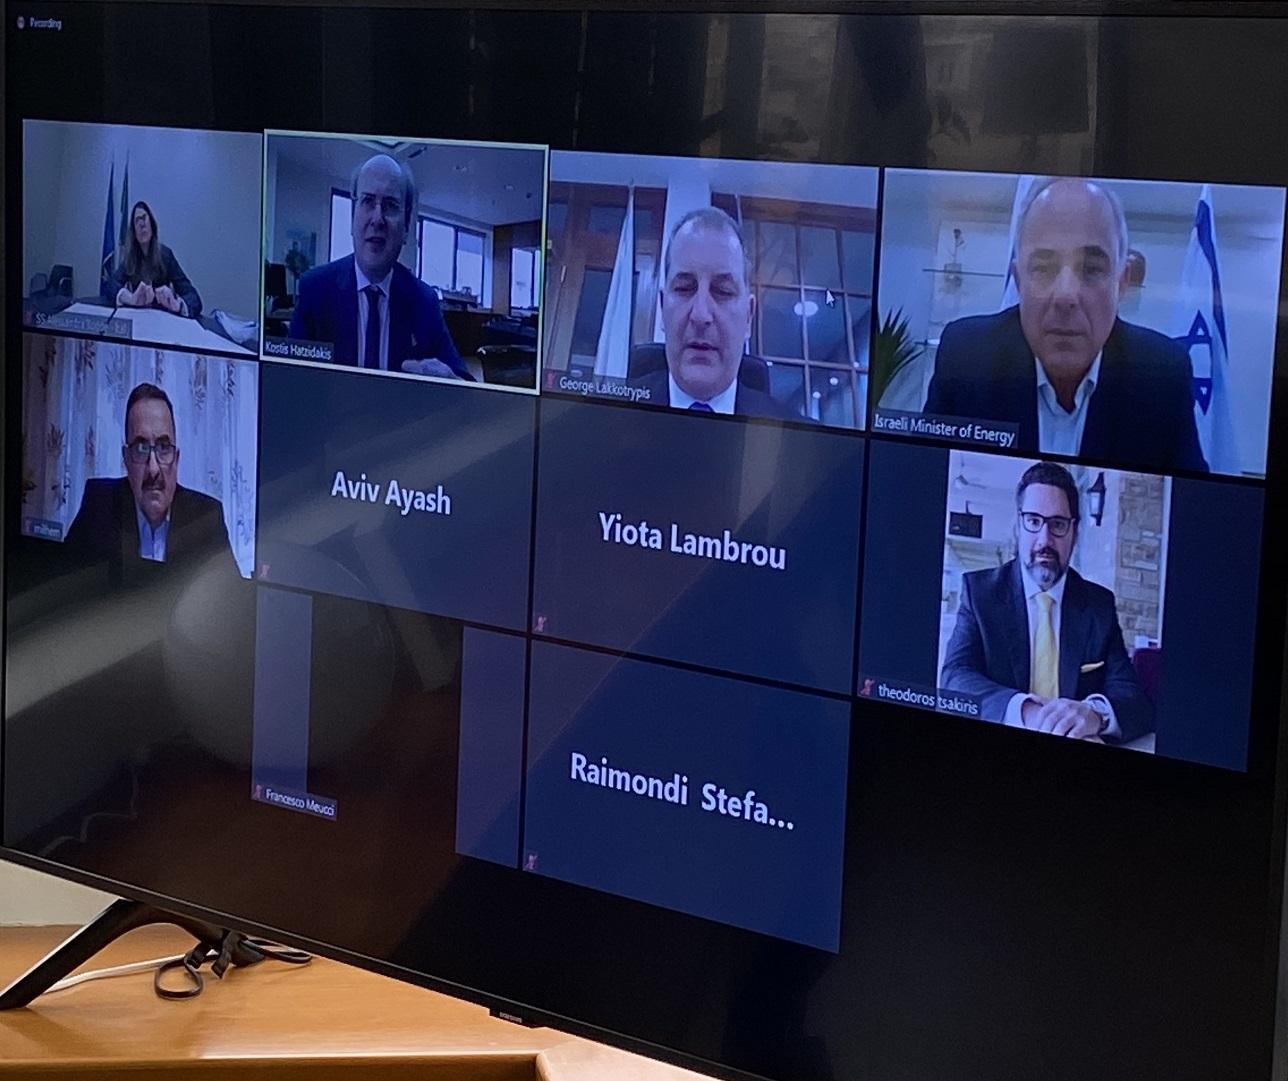 Τηλεδιάσκεψη υπουργών Ενέργειας Ελλάδας-Κύπρου-Ισραήλ-Ιταλίας-Παλαιστινιακής Αρχής